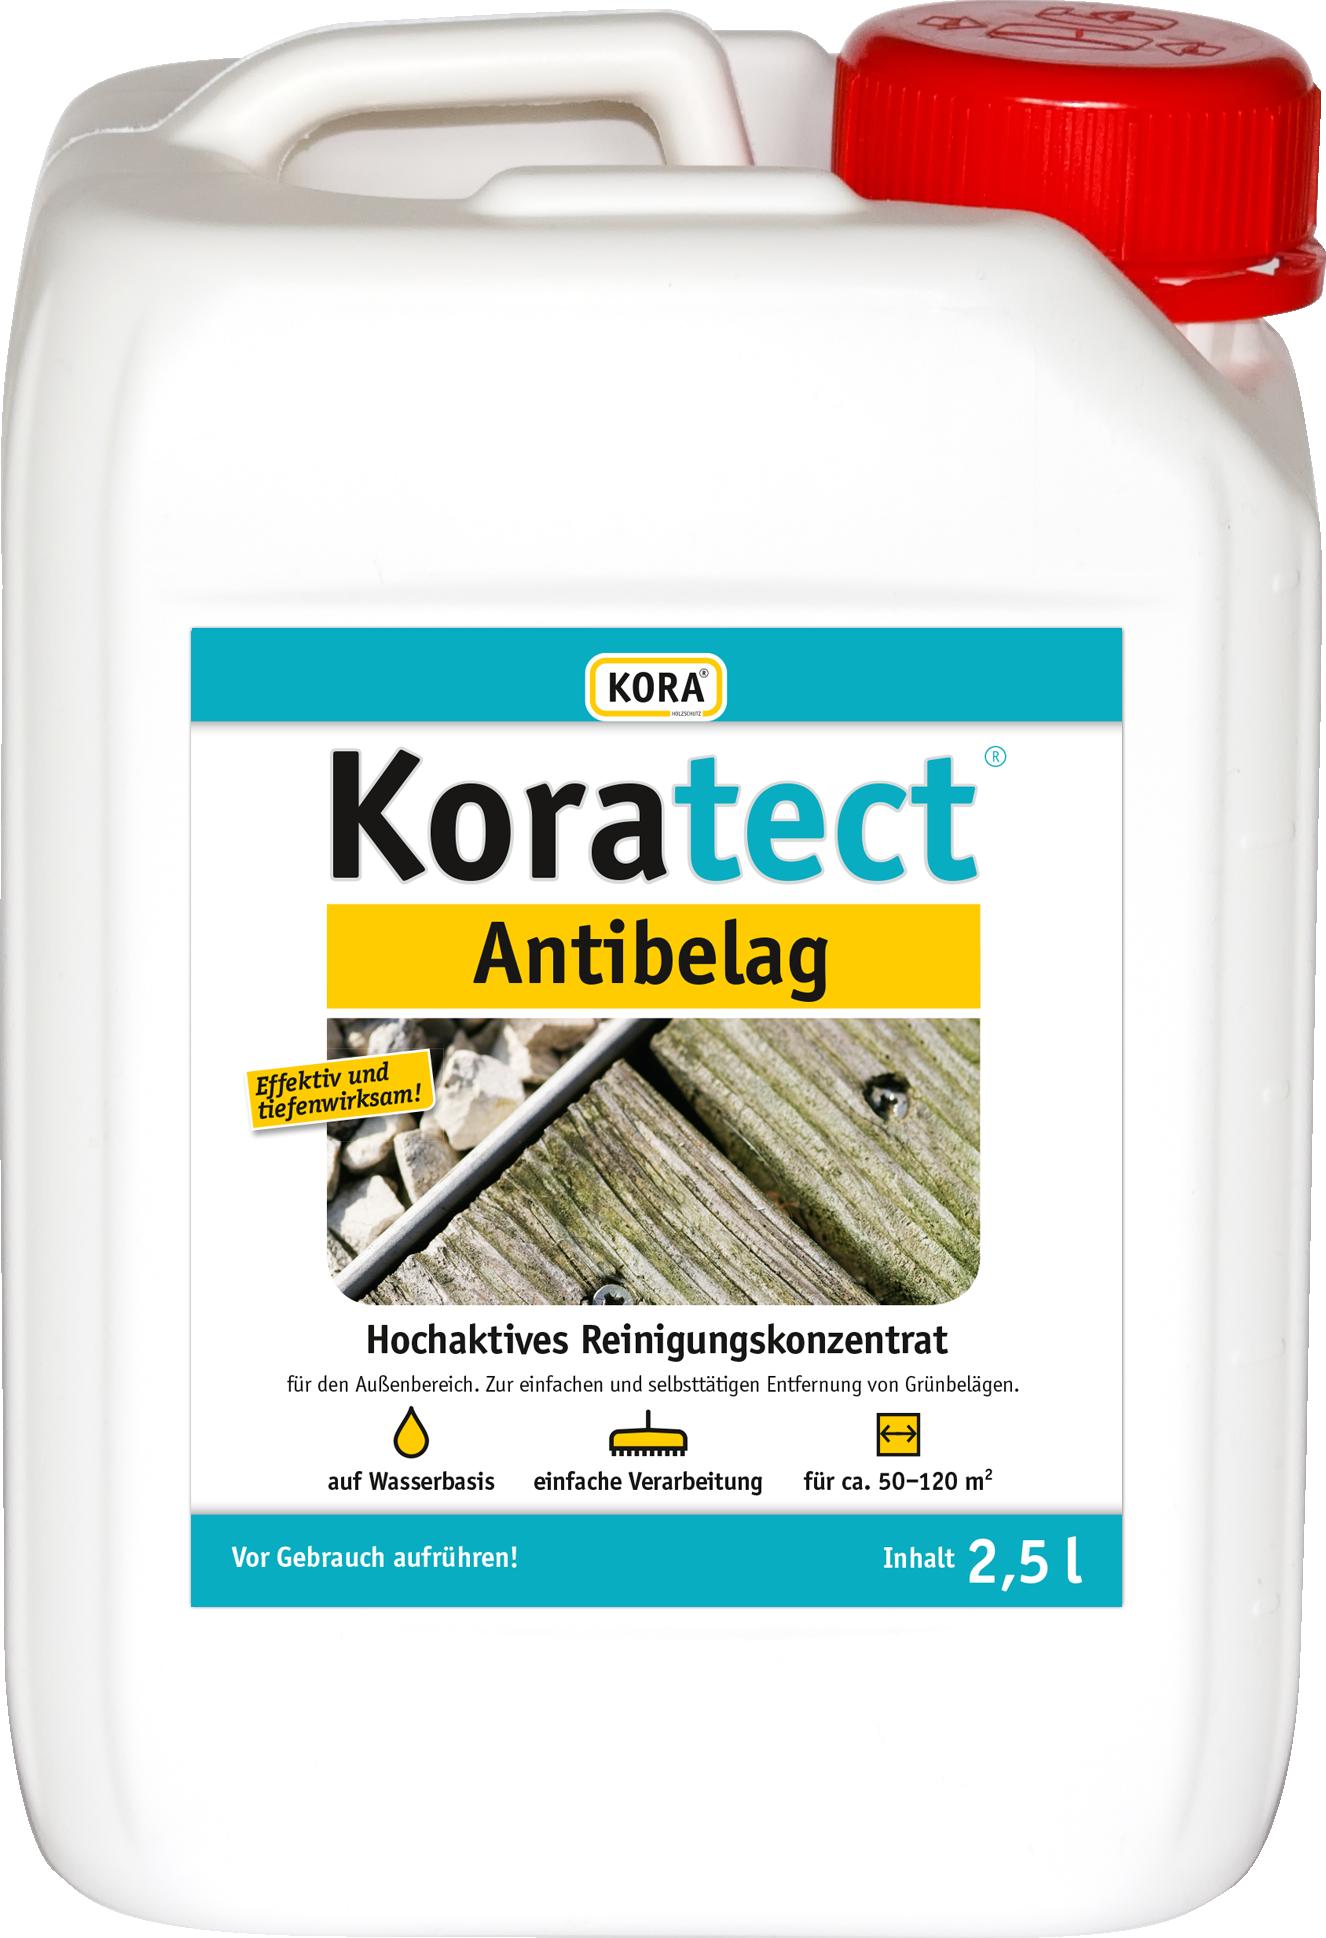 Koratect_2-5L-Antibelag-Kan